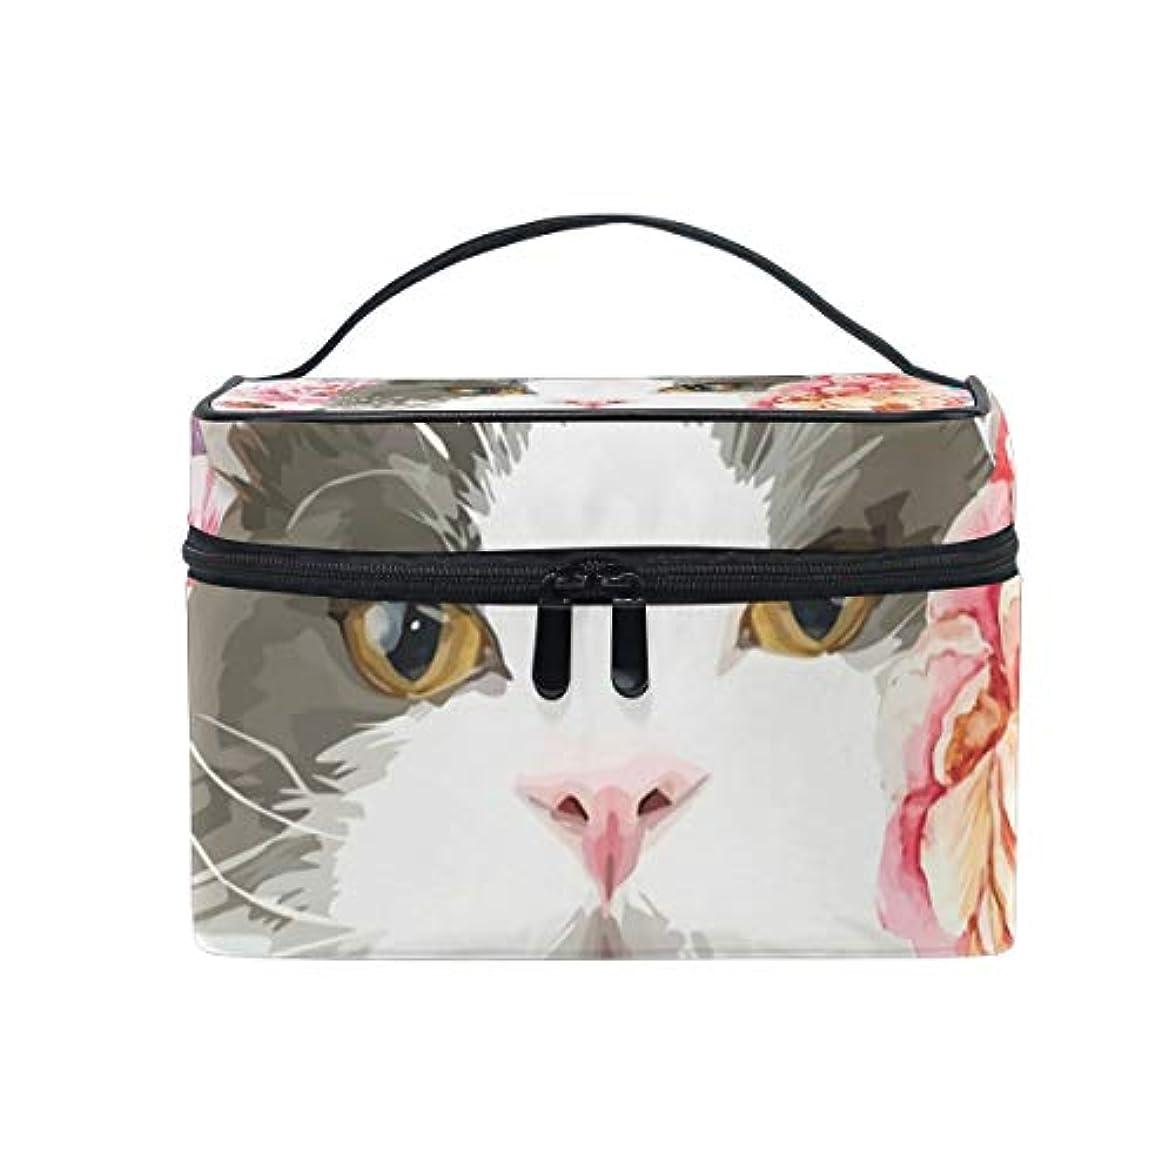 策定するエンディング絵メイクボックス 猫柄 花柄 楽しみ柄 化粧ポーチ 化粧品 化粧道具 小物入れ メイクブラシバッグ 大容量 旅行用 収納ケース